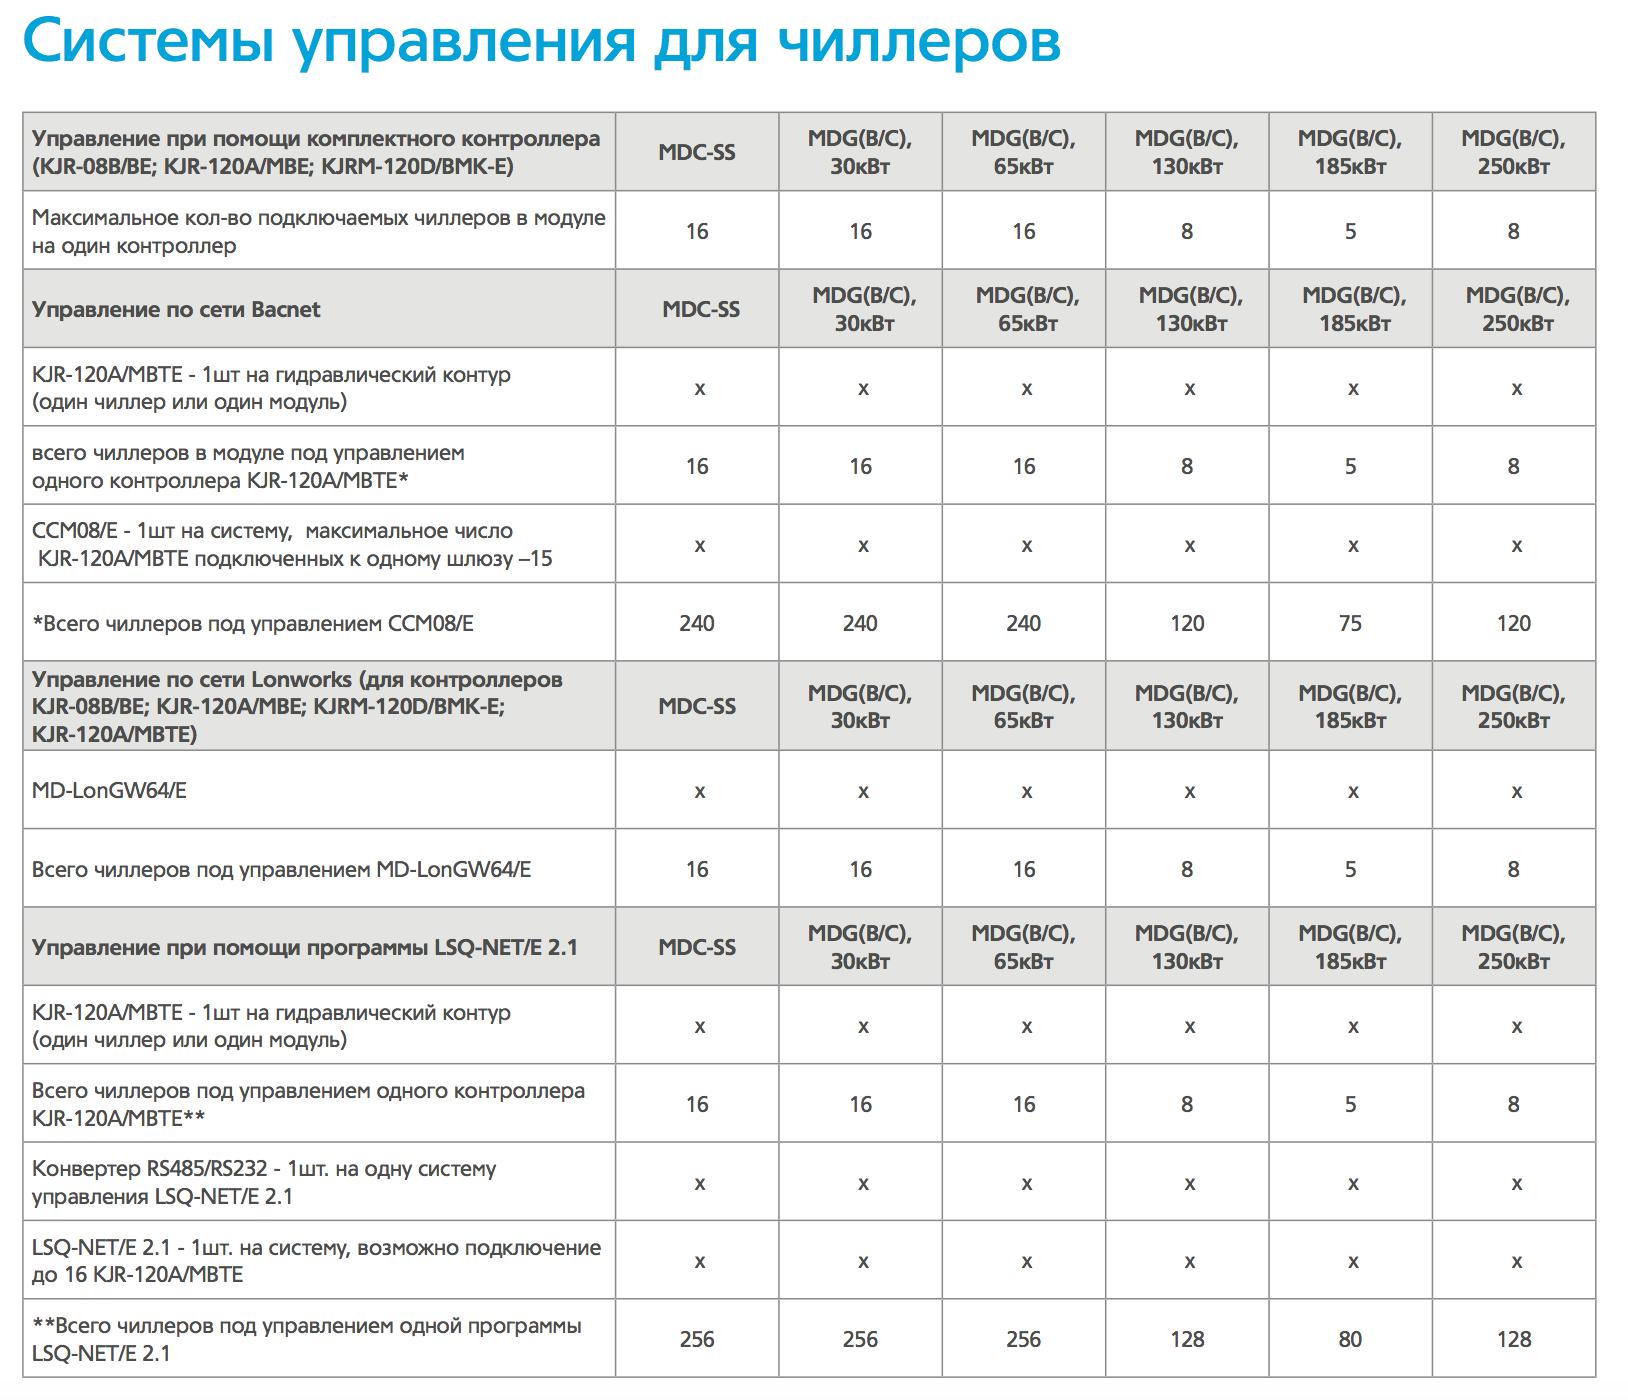 Системы_управления_для_чиллеров.png